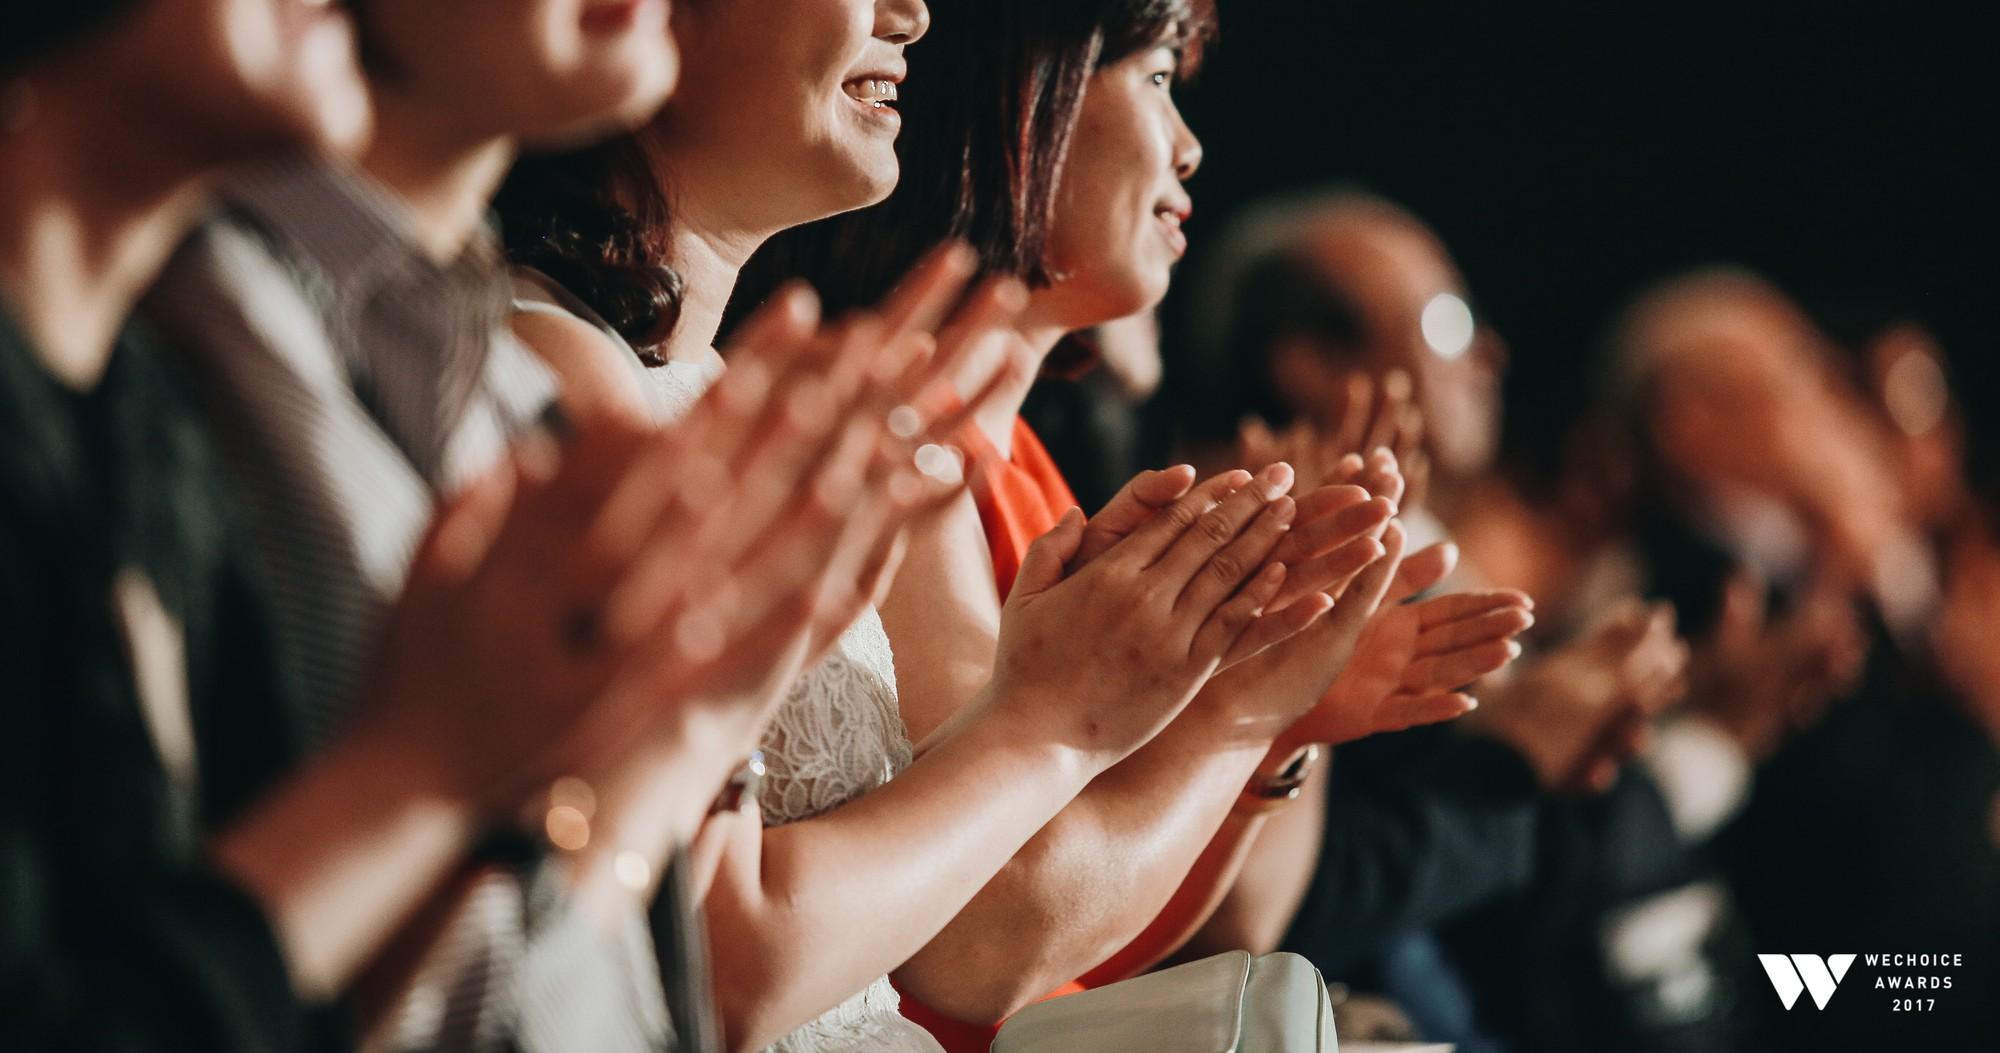 Trọn vẹn những màn trình diễn đầy thăng hoa và cảm xúc của Gala WeChoice Awards 2017 - Ảnh 2.